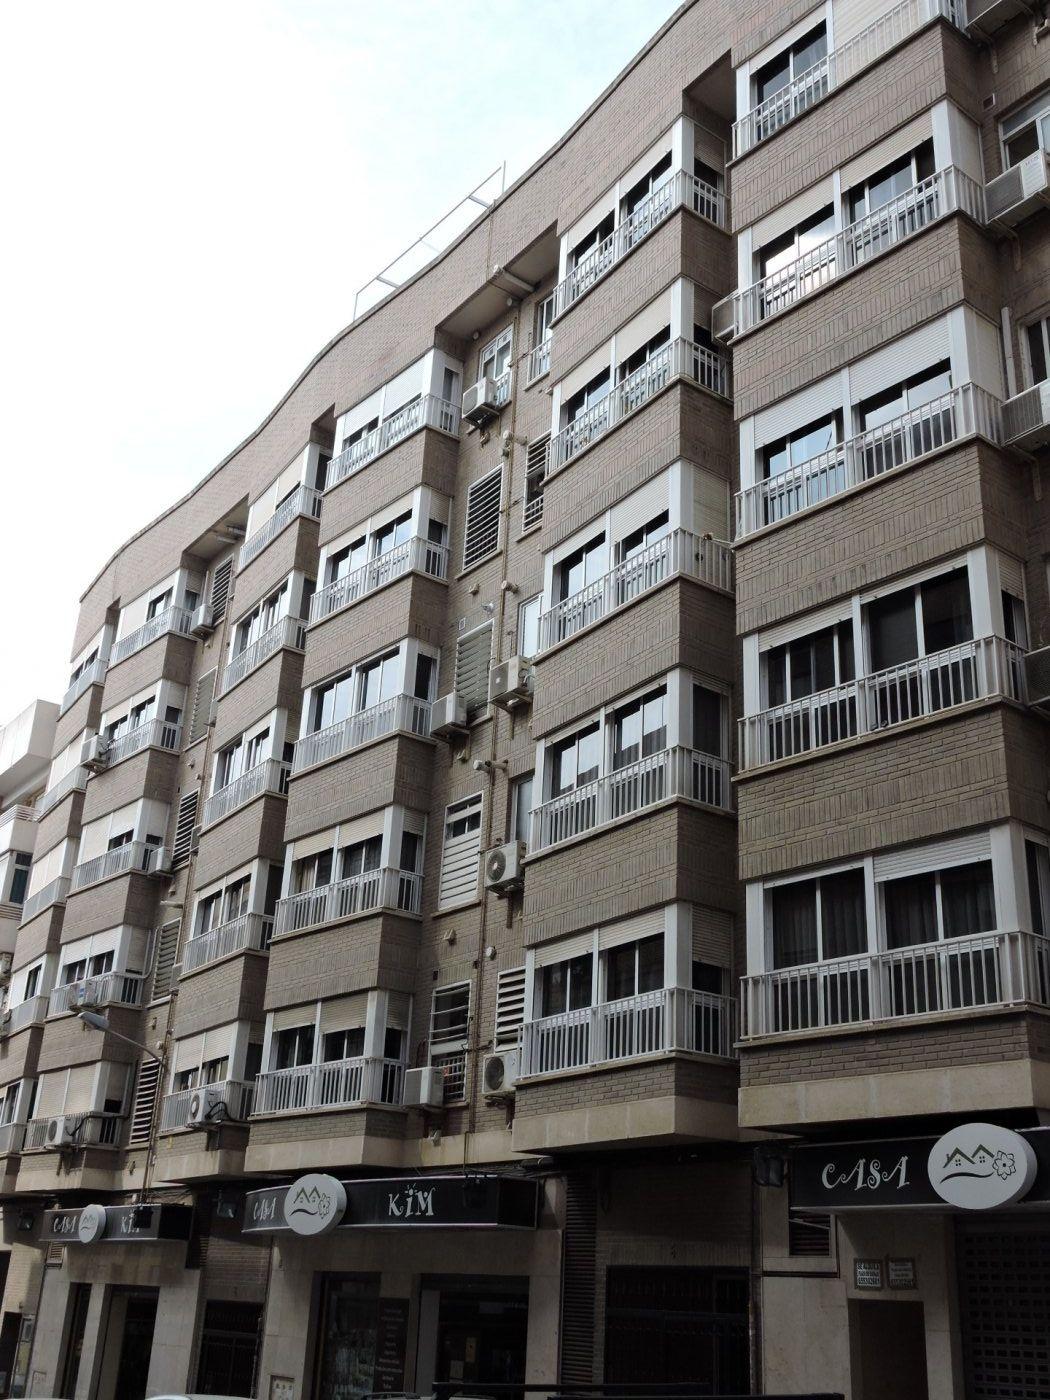 Apartamento, Benicalap, Venta - Valencia (Valencia)